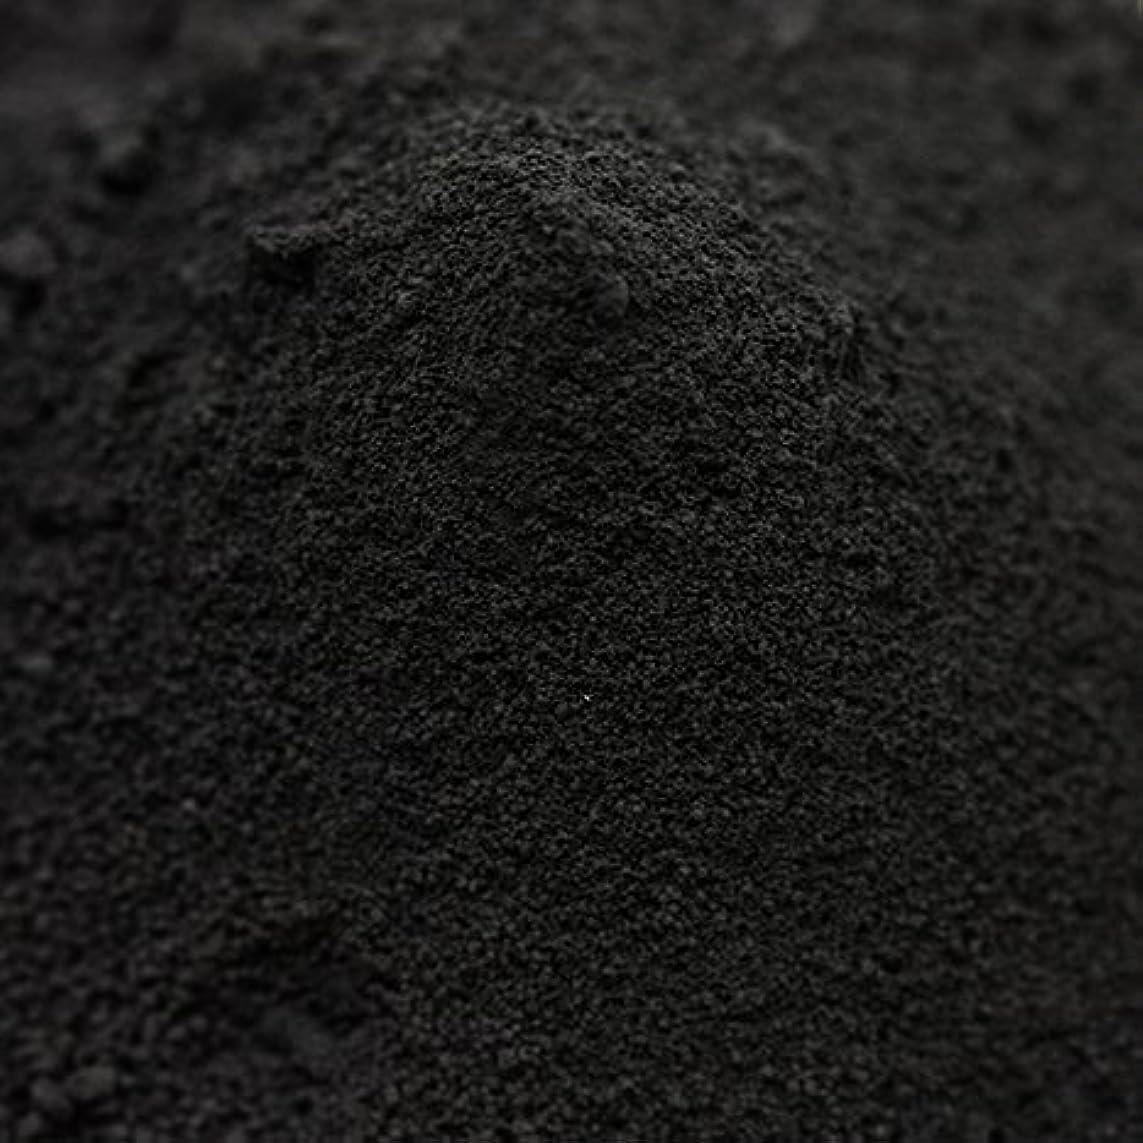 きゅうりずらす顕微鏡竹炭パウダー(超微粉末) 20g 【手作り石鹸/手作りコスメに】